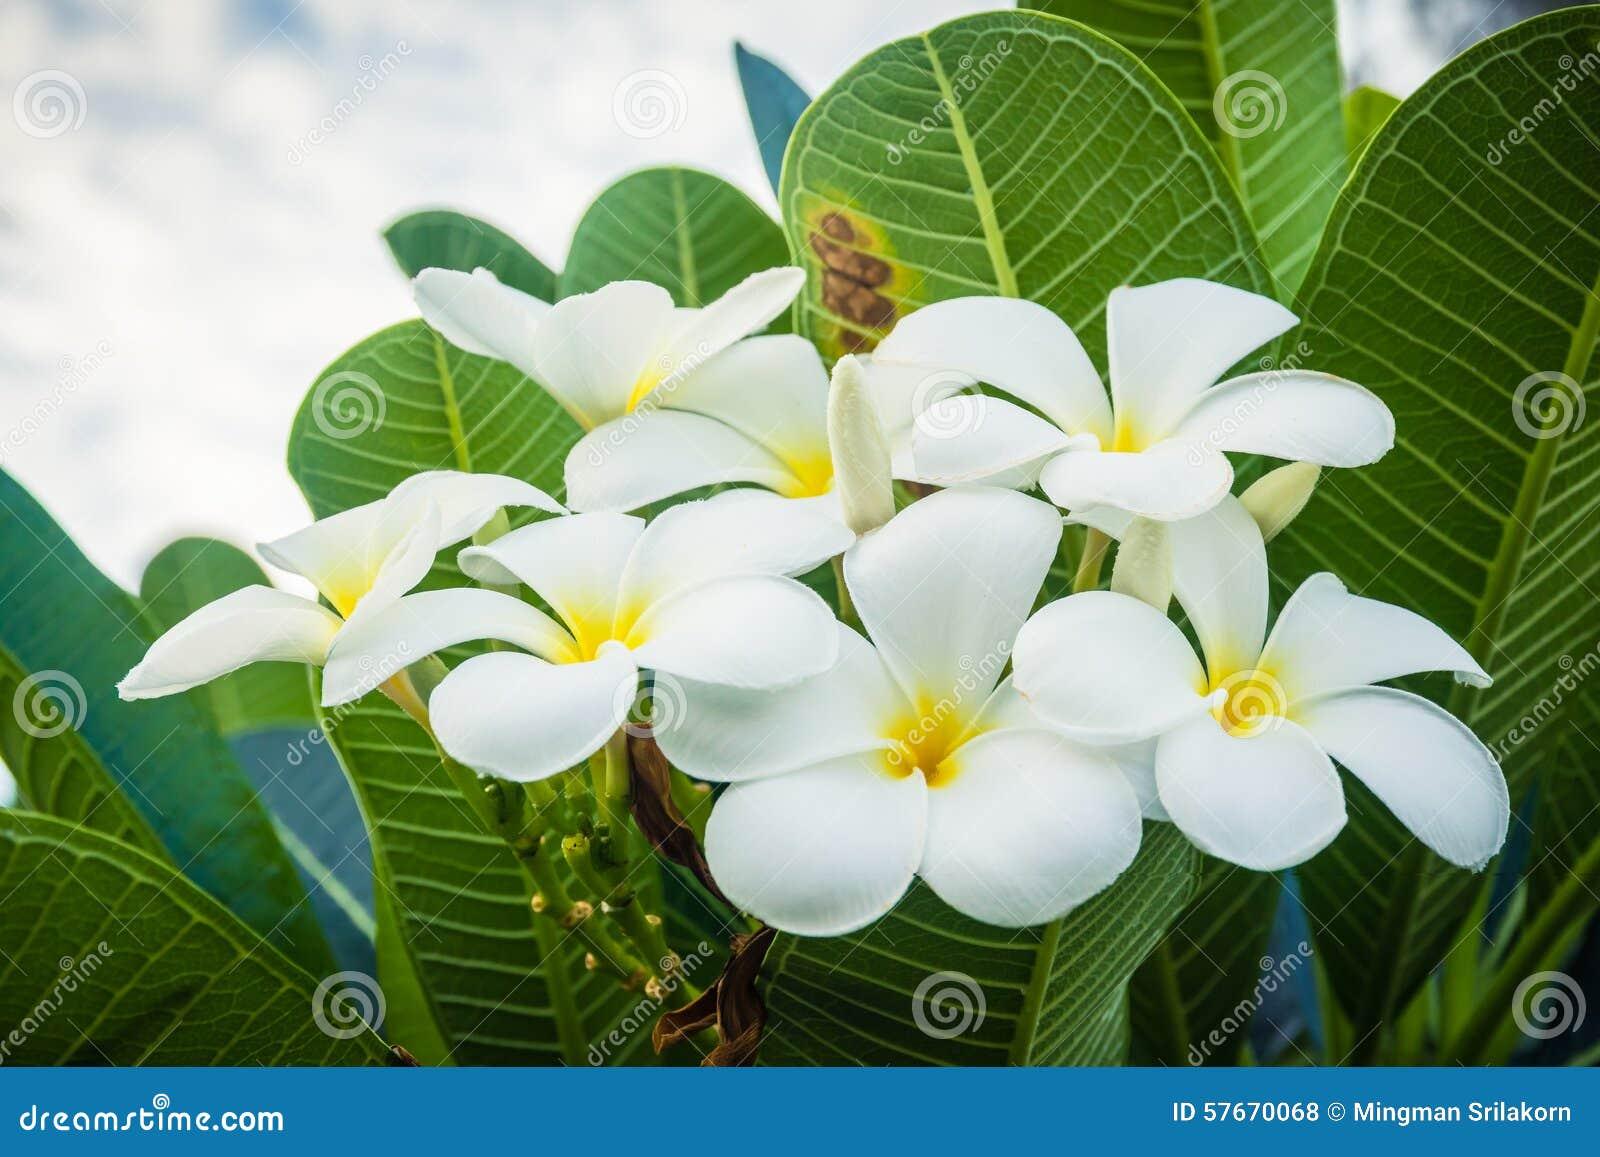 Bukiet plumeria kwitnie na drzewach (frangipani)